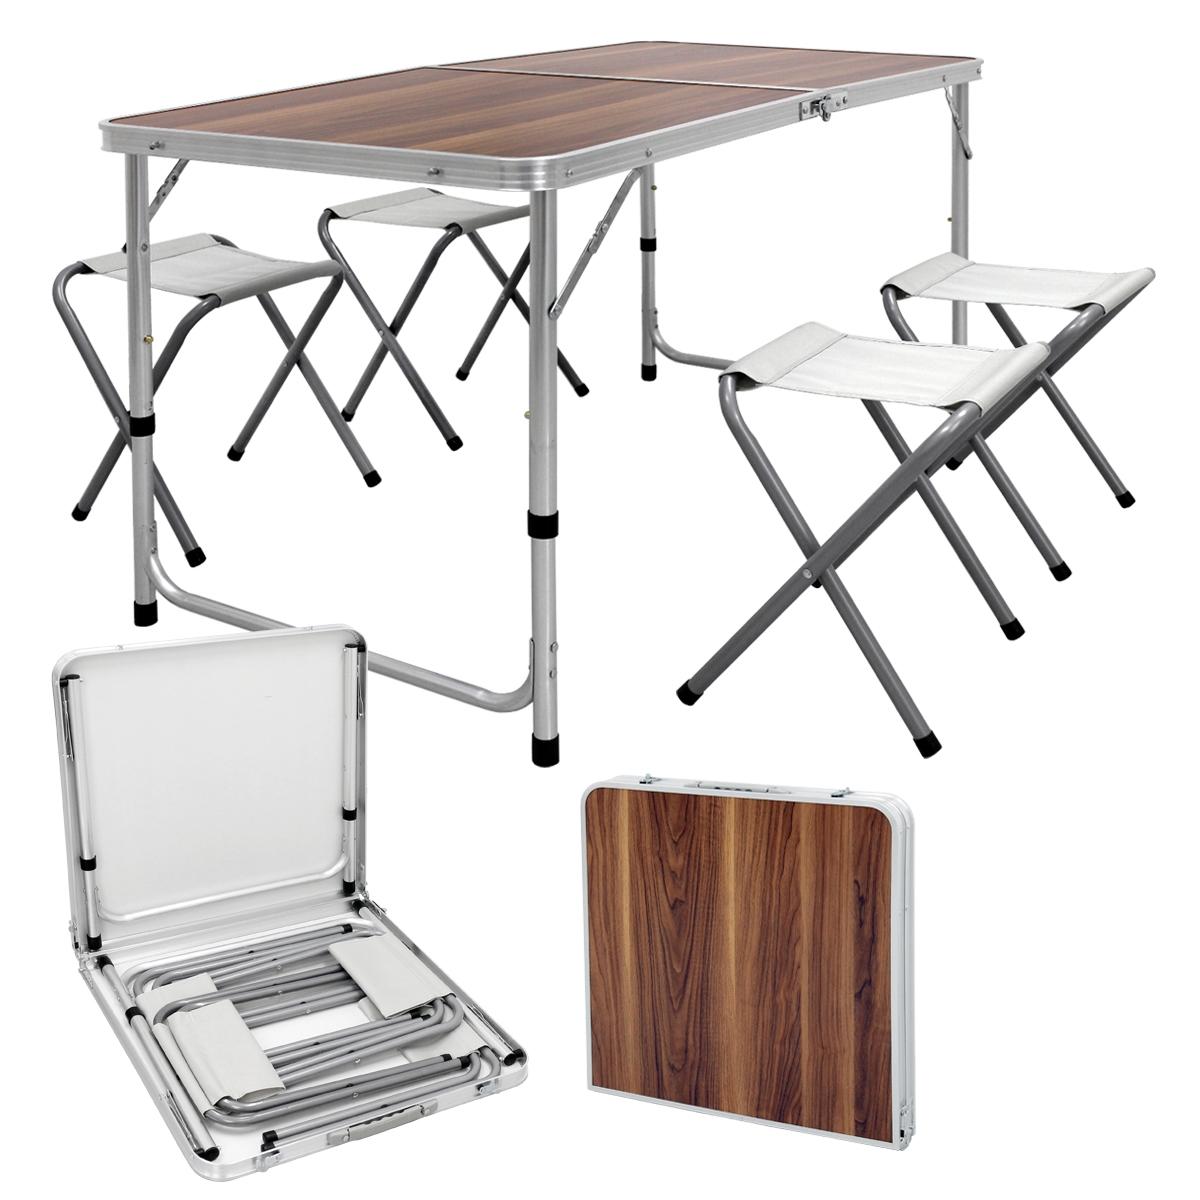 Détails sur Table pliable camping ajustable tabourets jardin aluminium  120cm décor bois brun